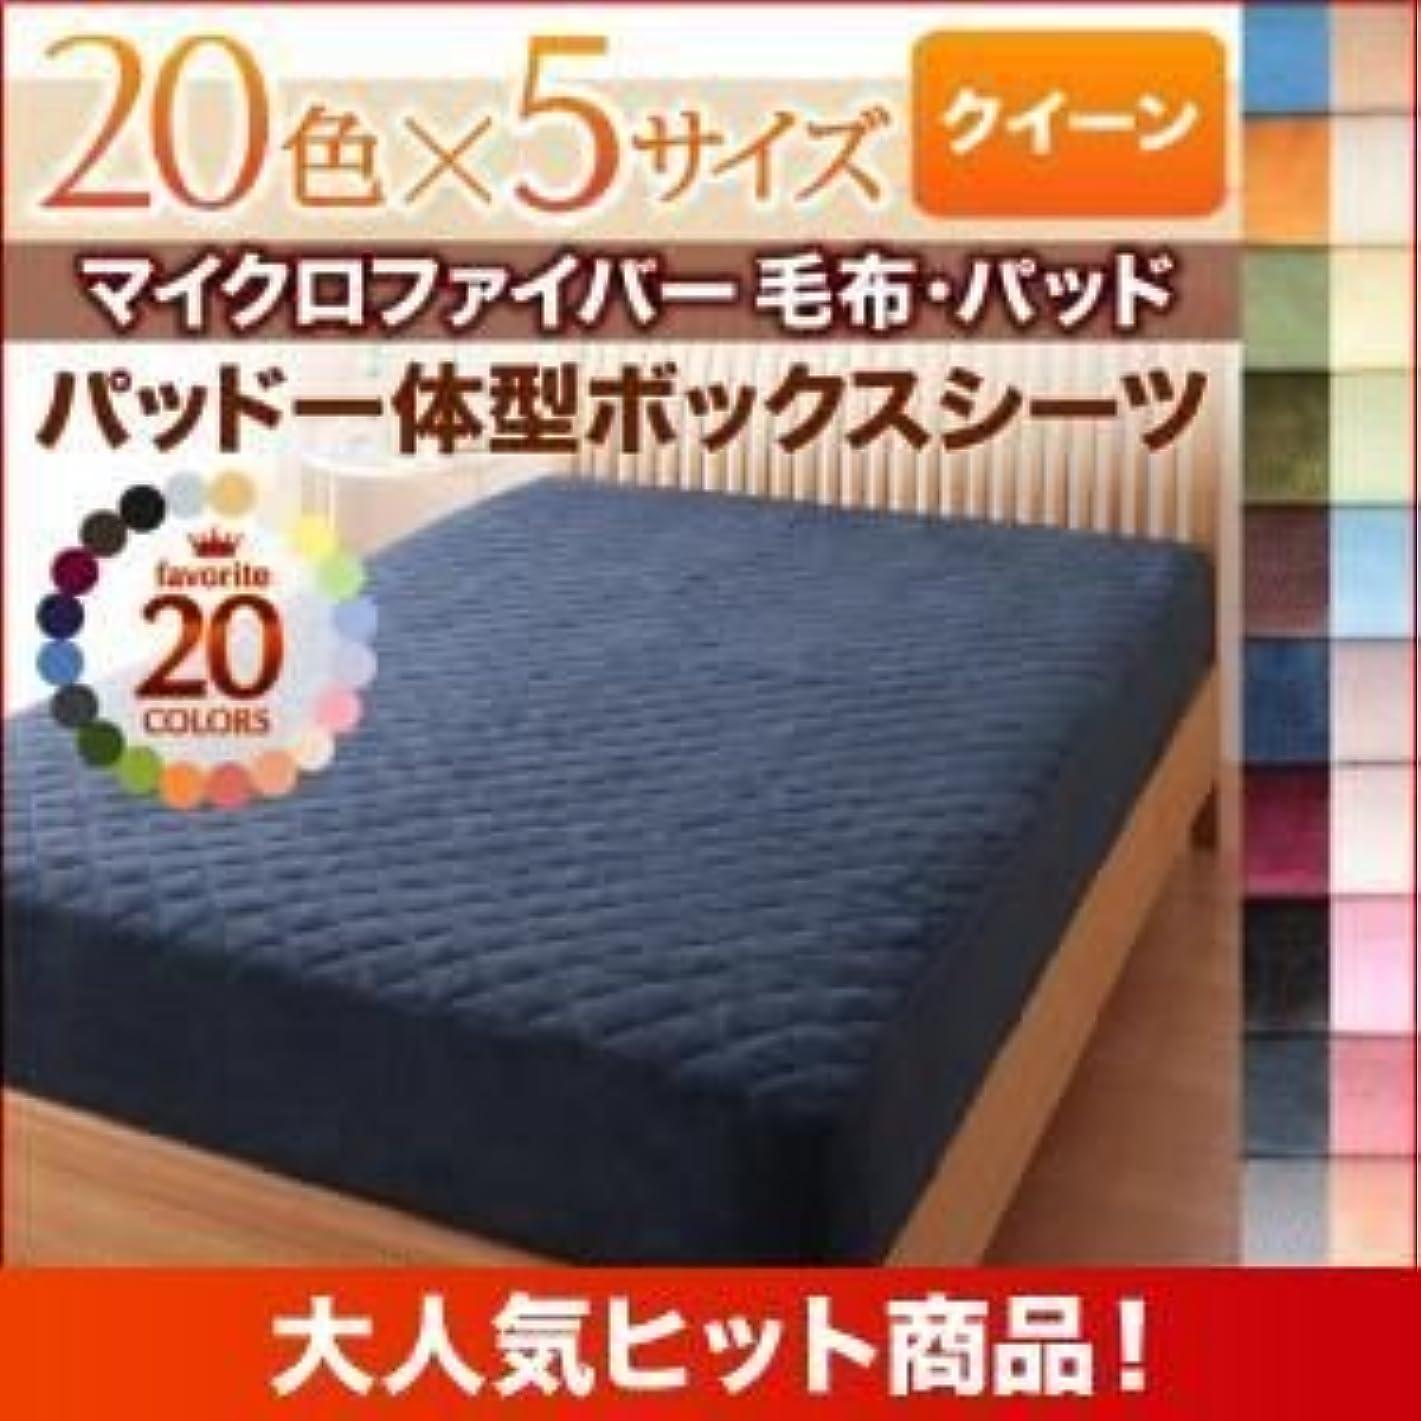 [シーツのみ]パッド一体型ボックスシーツ クイーン アイボリー マイクロファイバー毛布